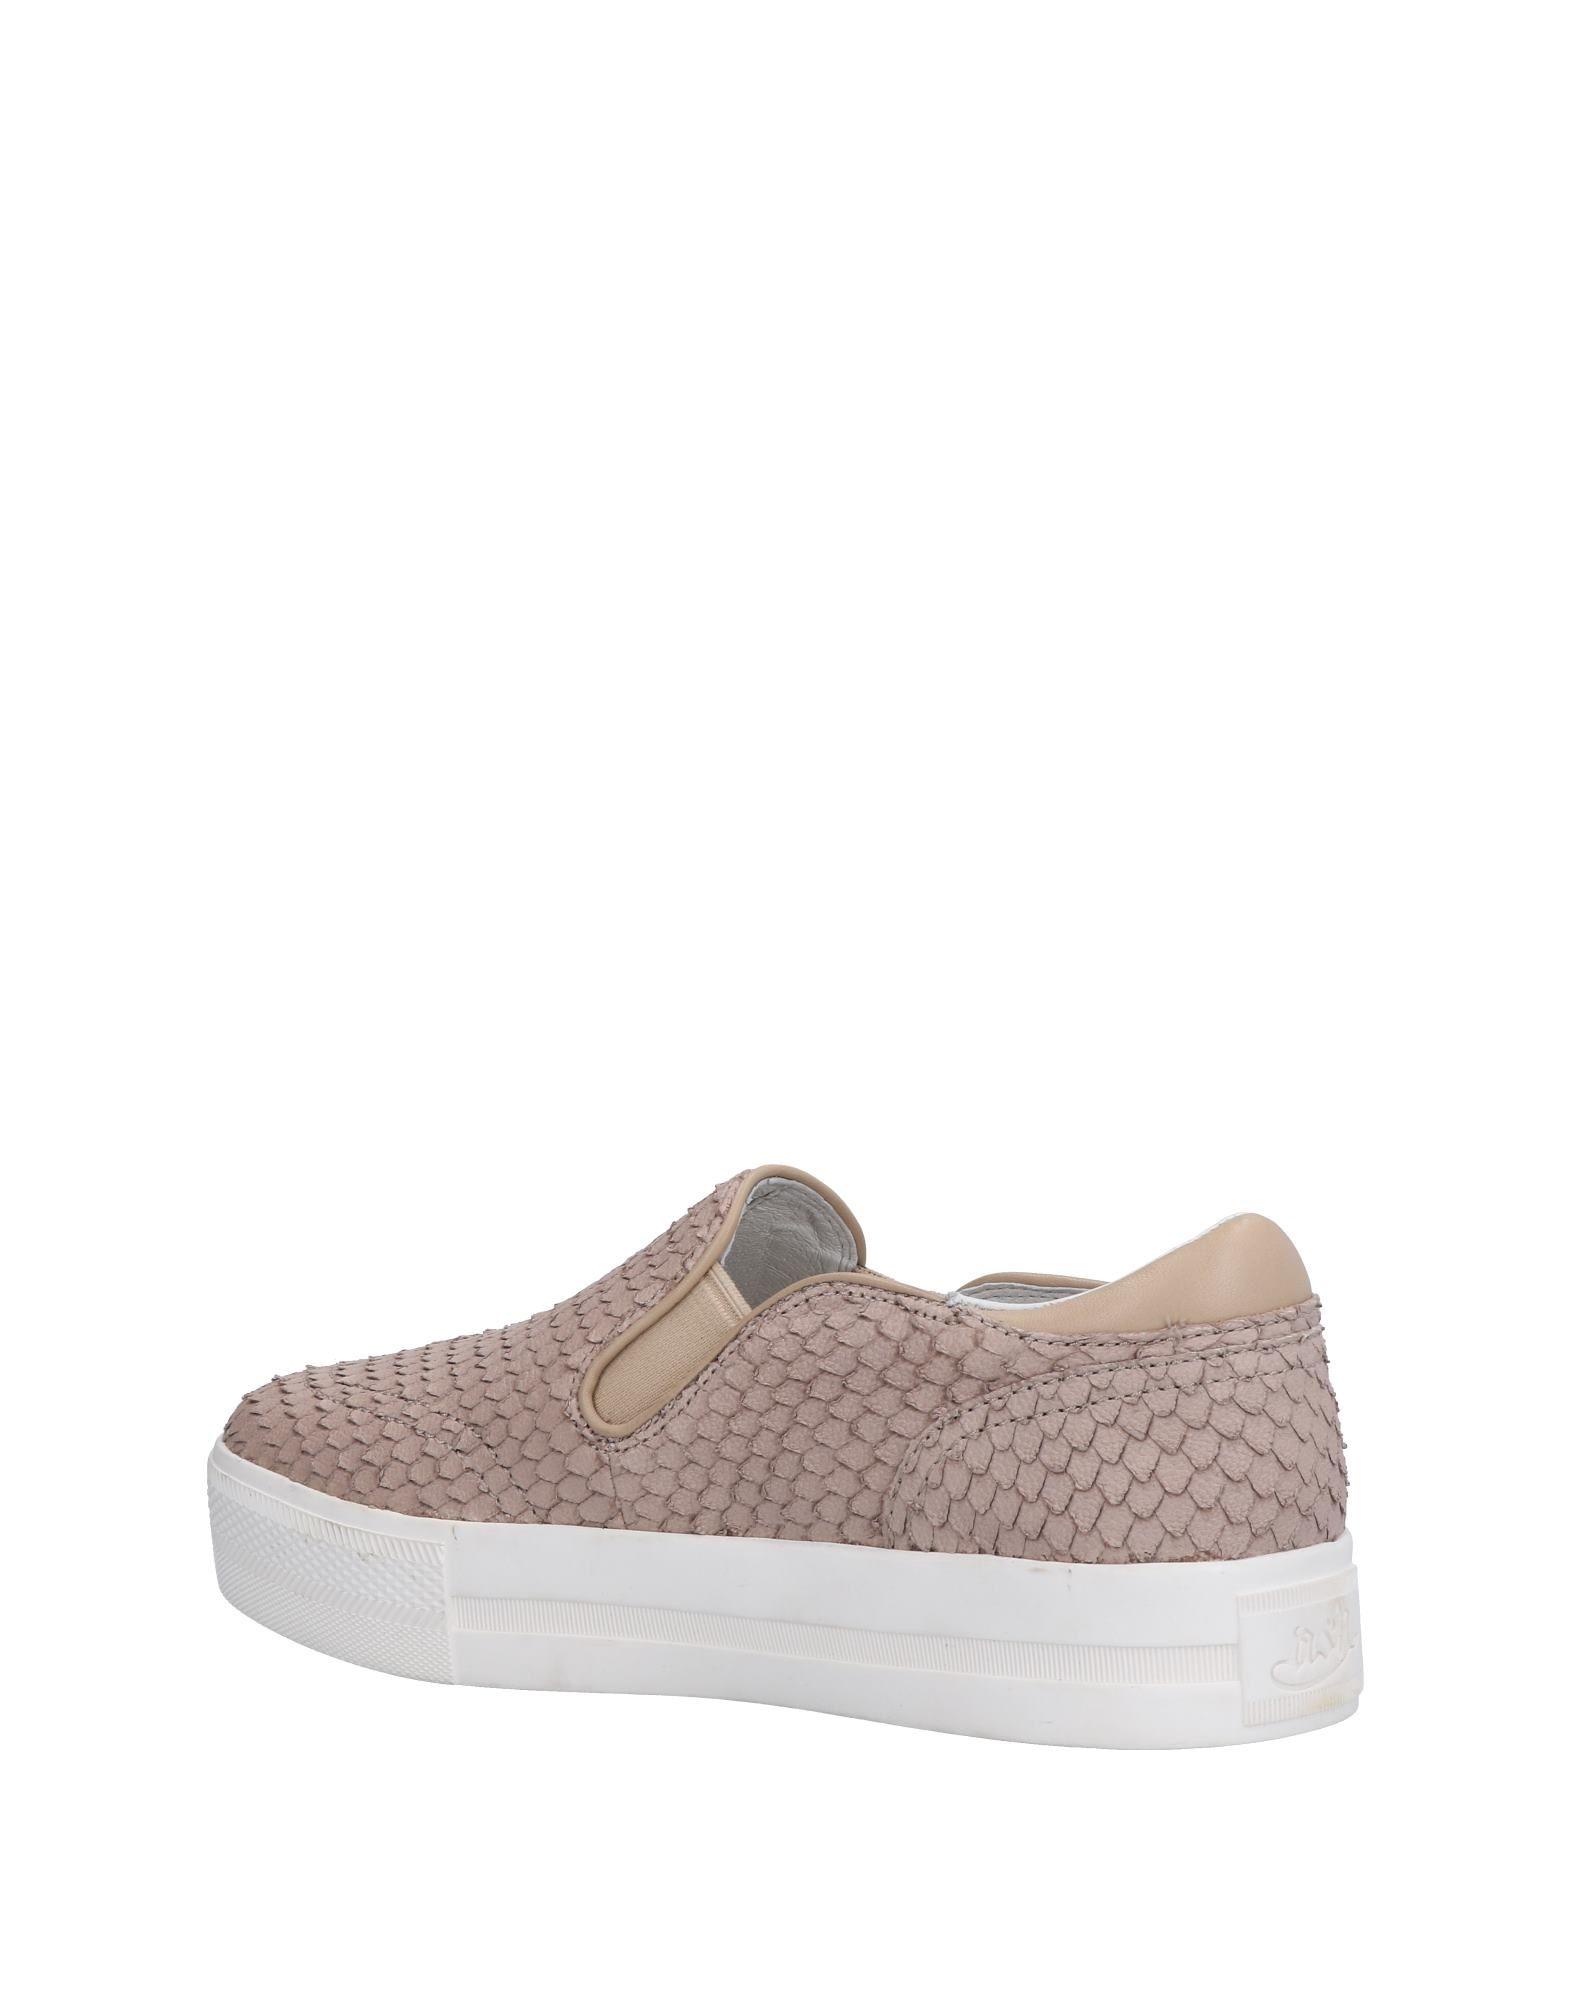 Ash Gute Sneakers Damen  44970635MN Gute Ash Qualität beliebte Schuhe 6d51d2